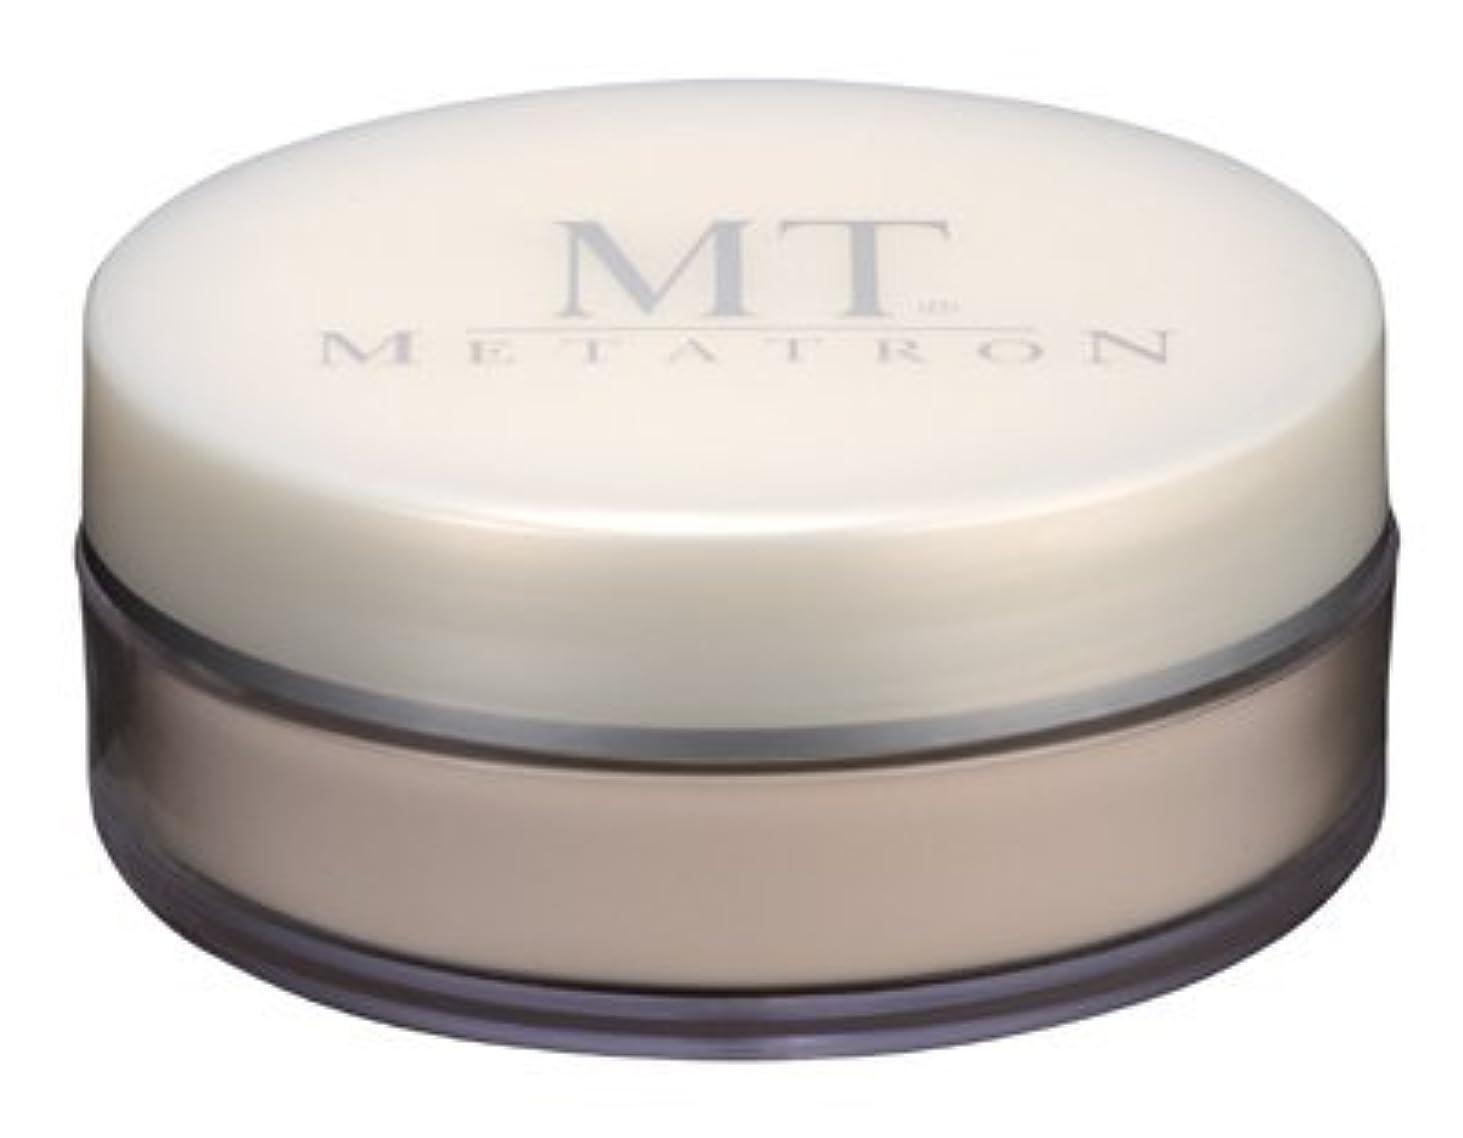 付けるパンフレット葉を集めるMTメタトロン MTプロテクトUVルースパウダー 20g 【ルーセント】